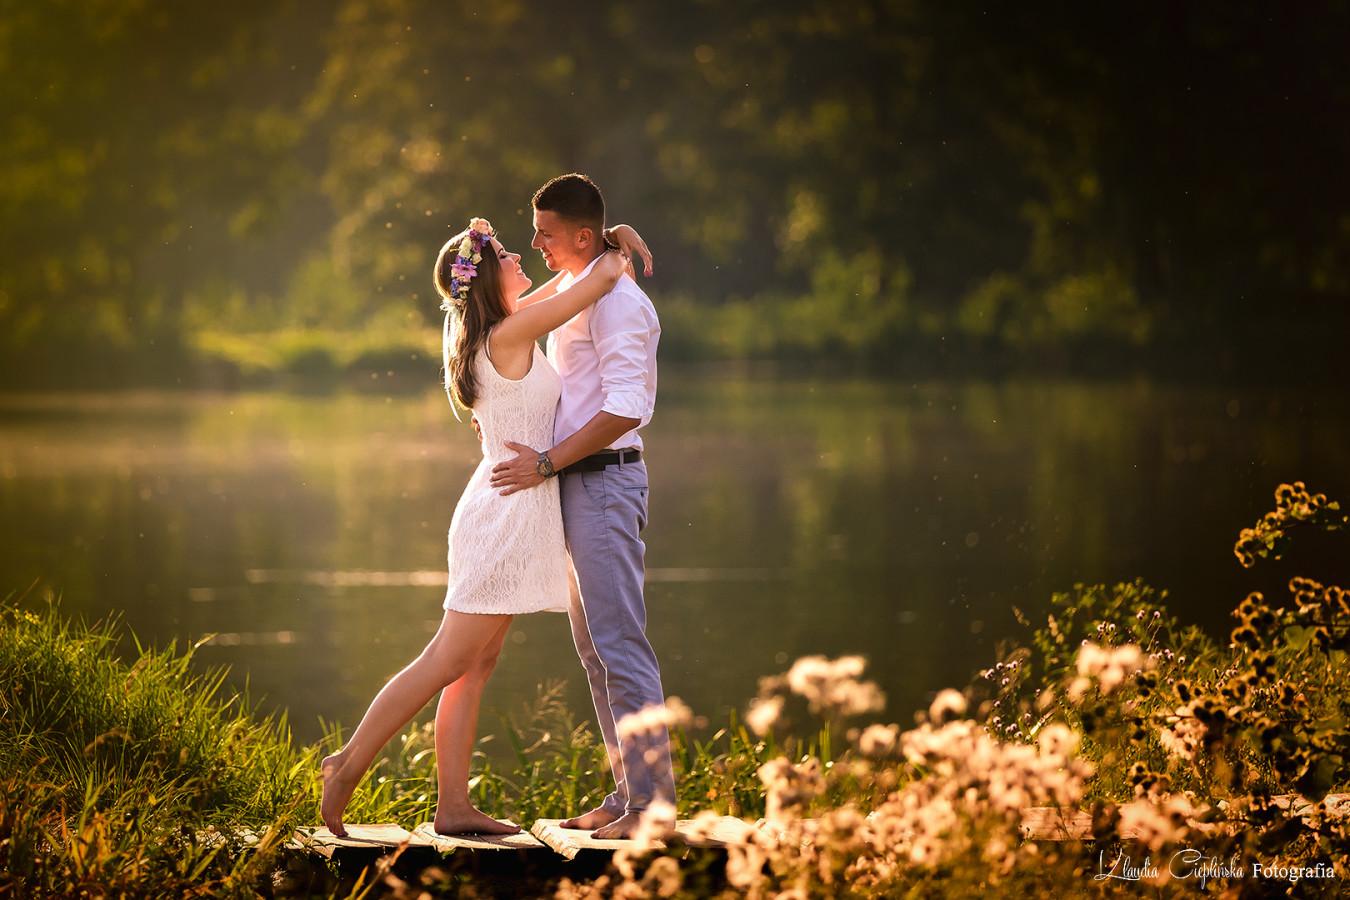 Fotografia ślubna Jelenia Góra. Sesja plenerowa Luizy i Przemka z pięknym parku w Bukowcu koło Jeleniej Góry.